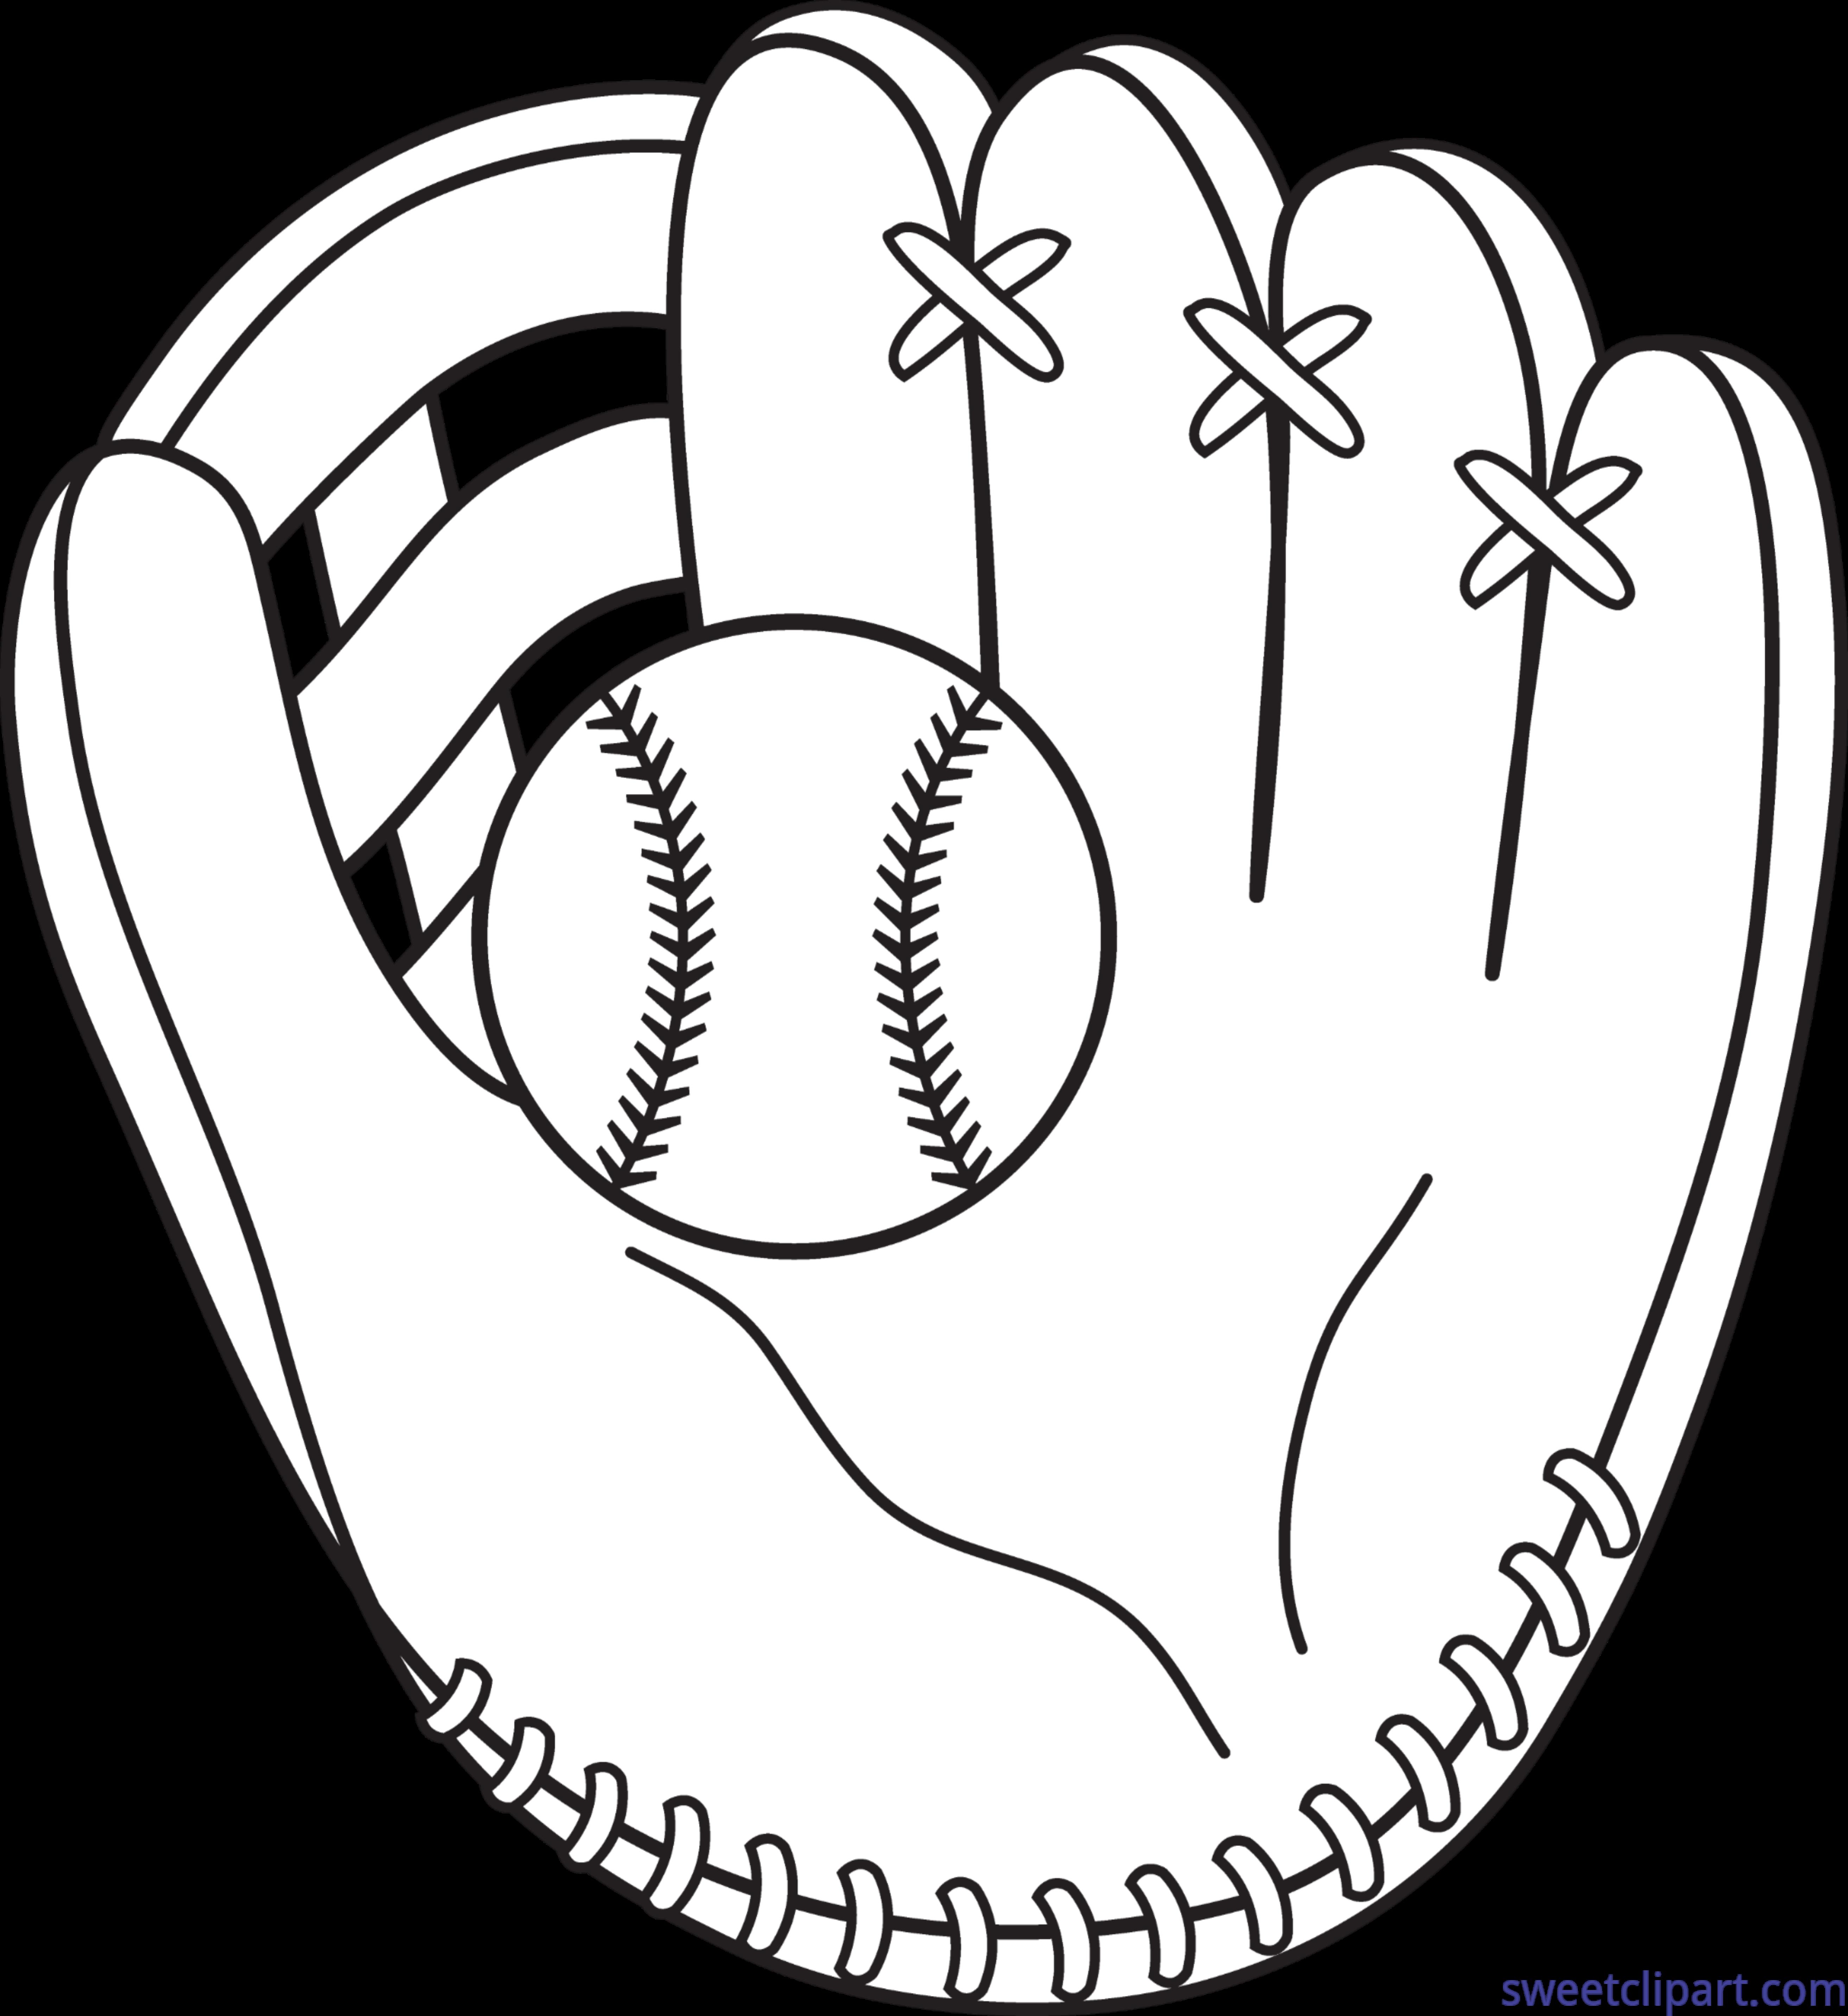 Clipart of a baseball image transparent download Baseball Mitt Lineart Clip Art - Sweet Clip Art image transparent download